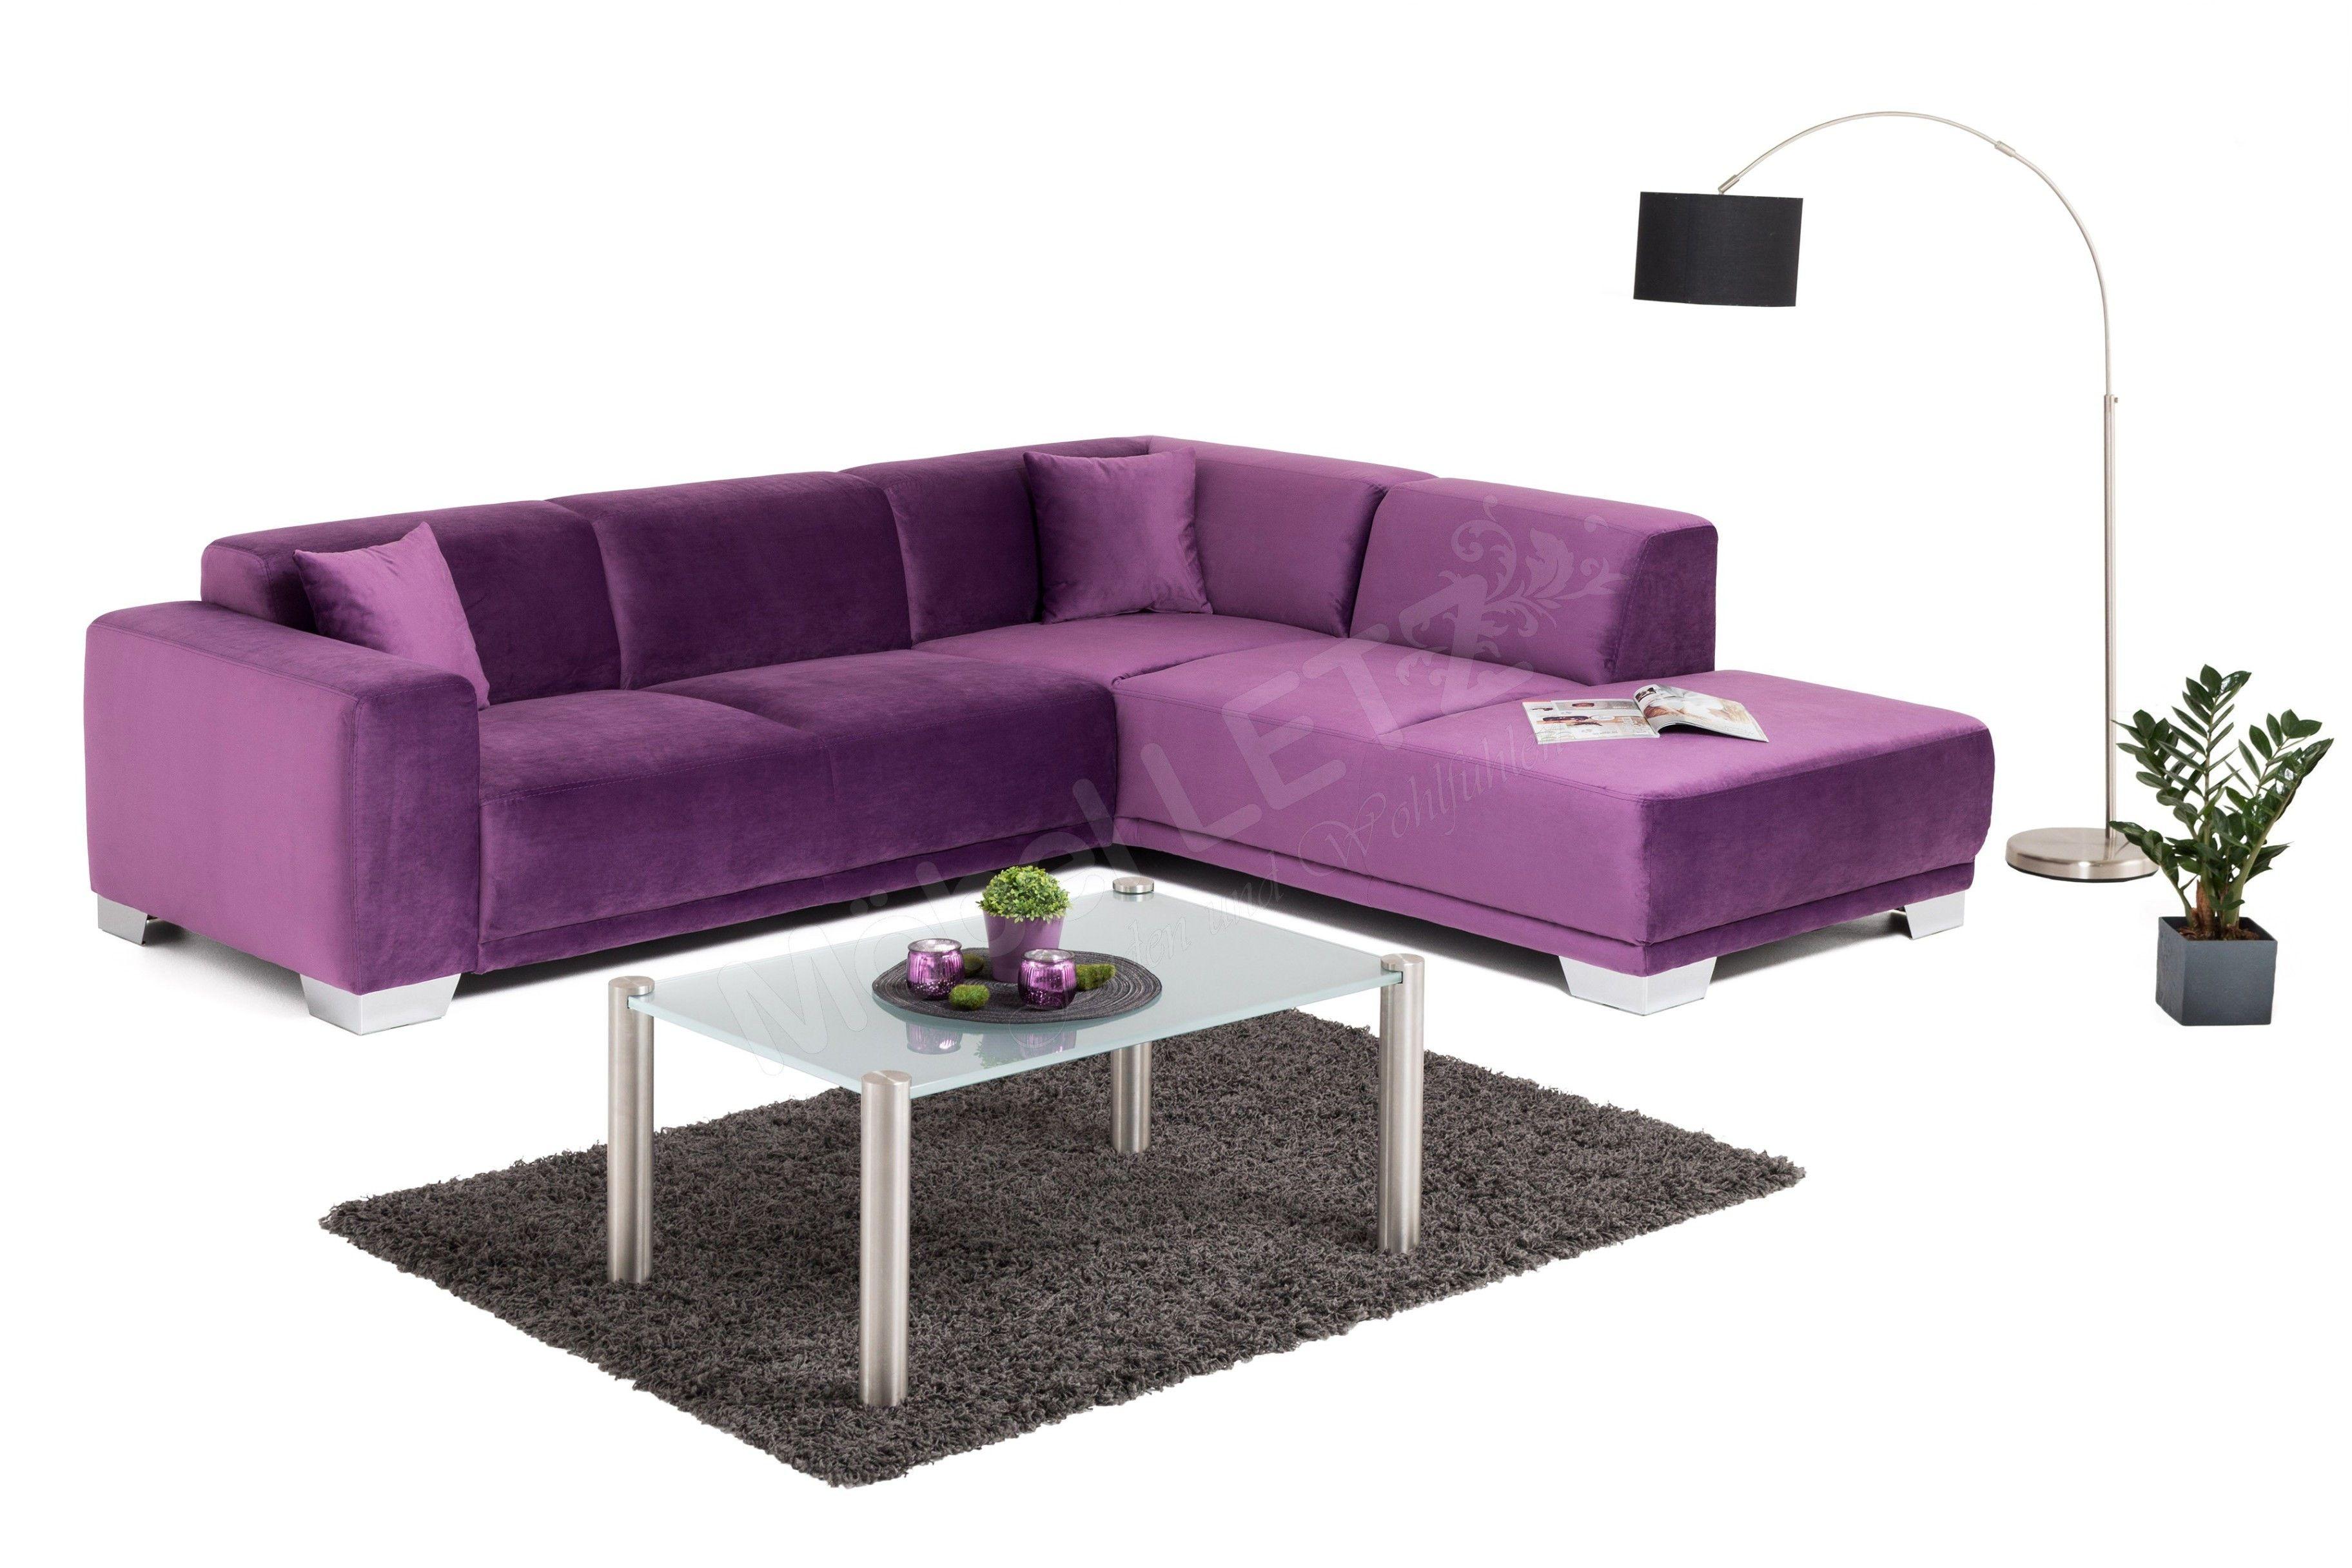 Ausgezeichnet Scheselong Sofa Outdoor Furniture Sets Decor Furniture Sets